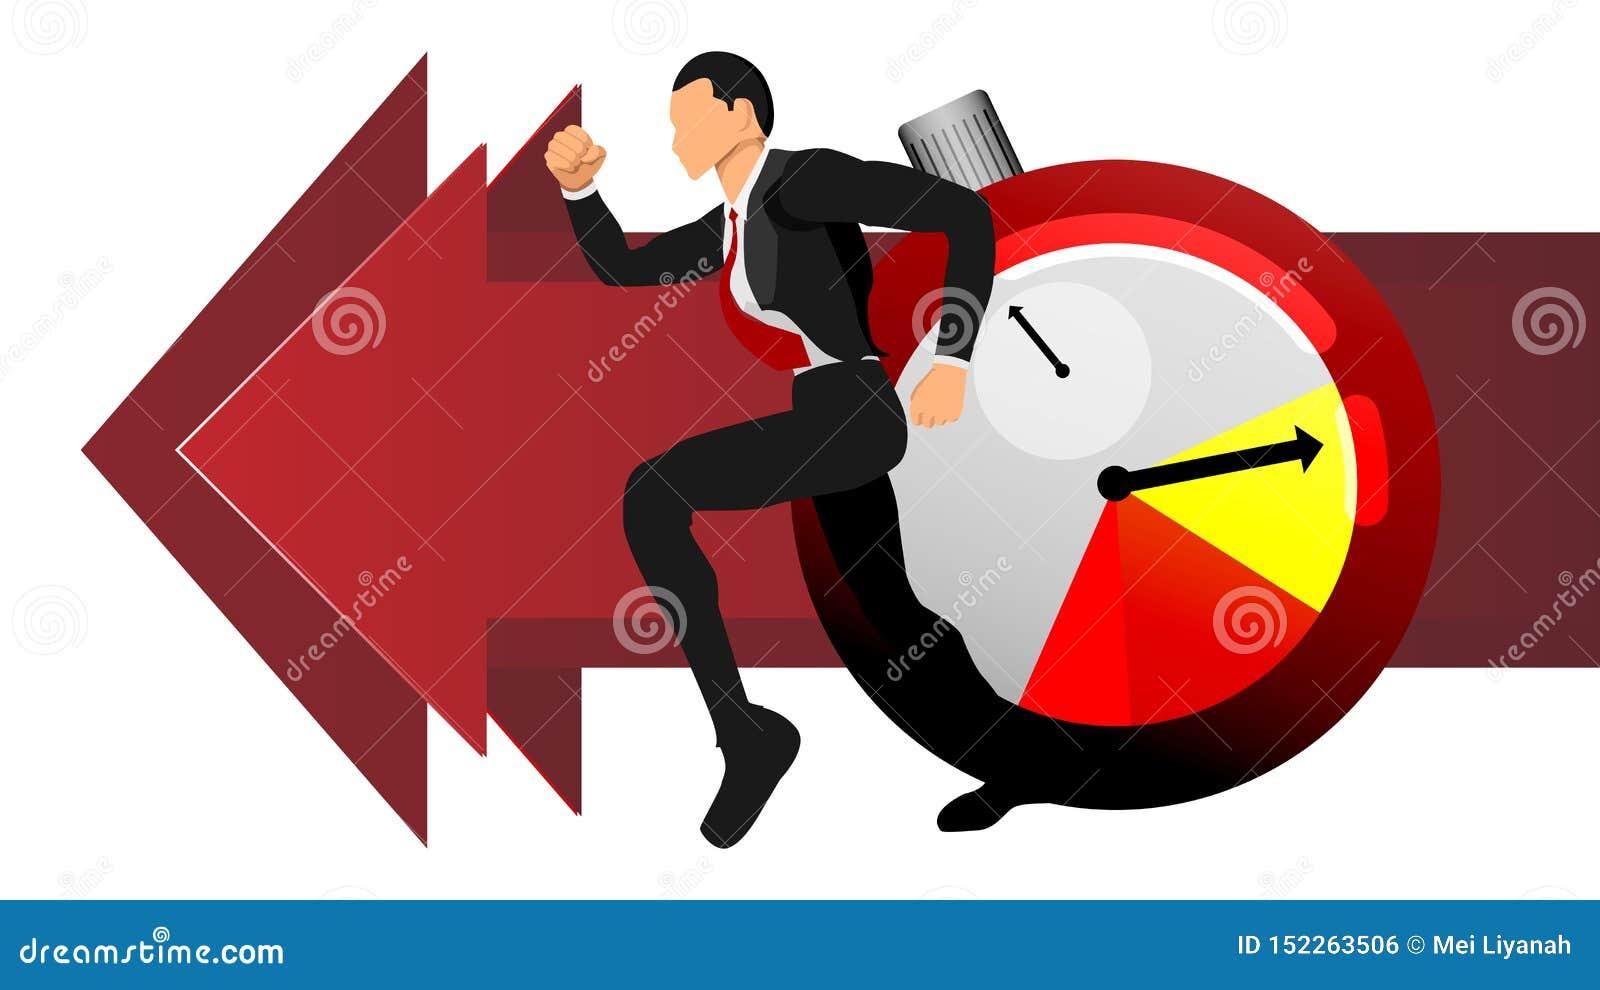 Vektor av vuxna män som jagar tid om informationsaffär om illustration diagram för information EPS10